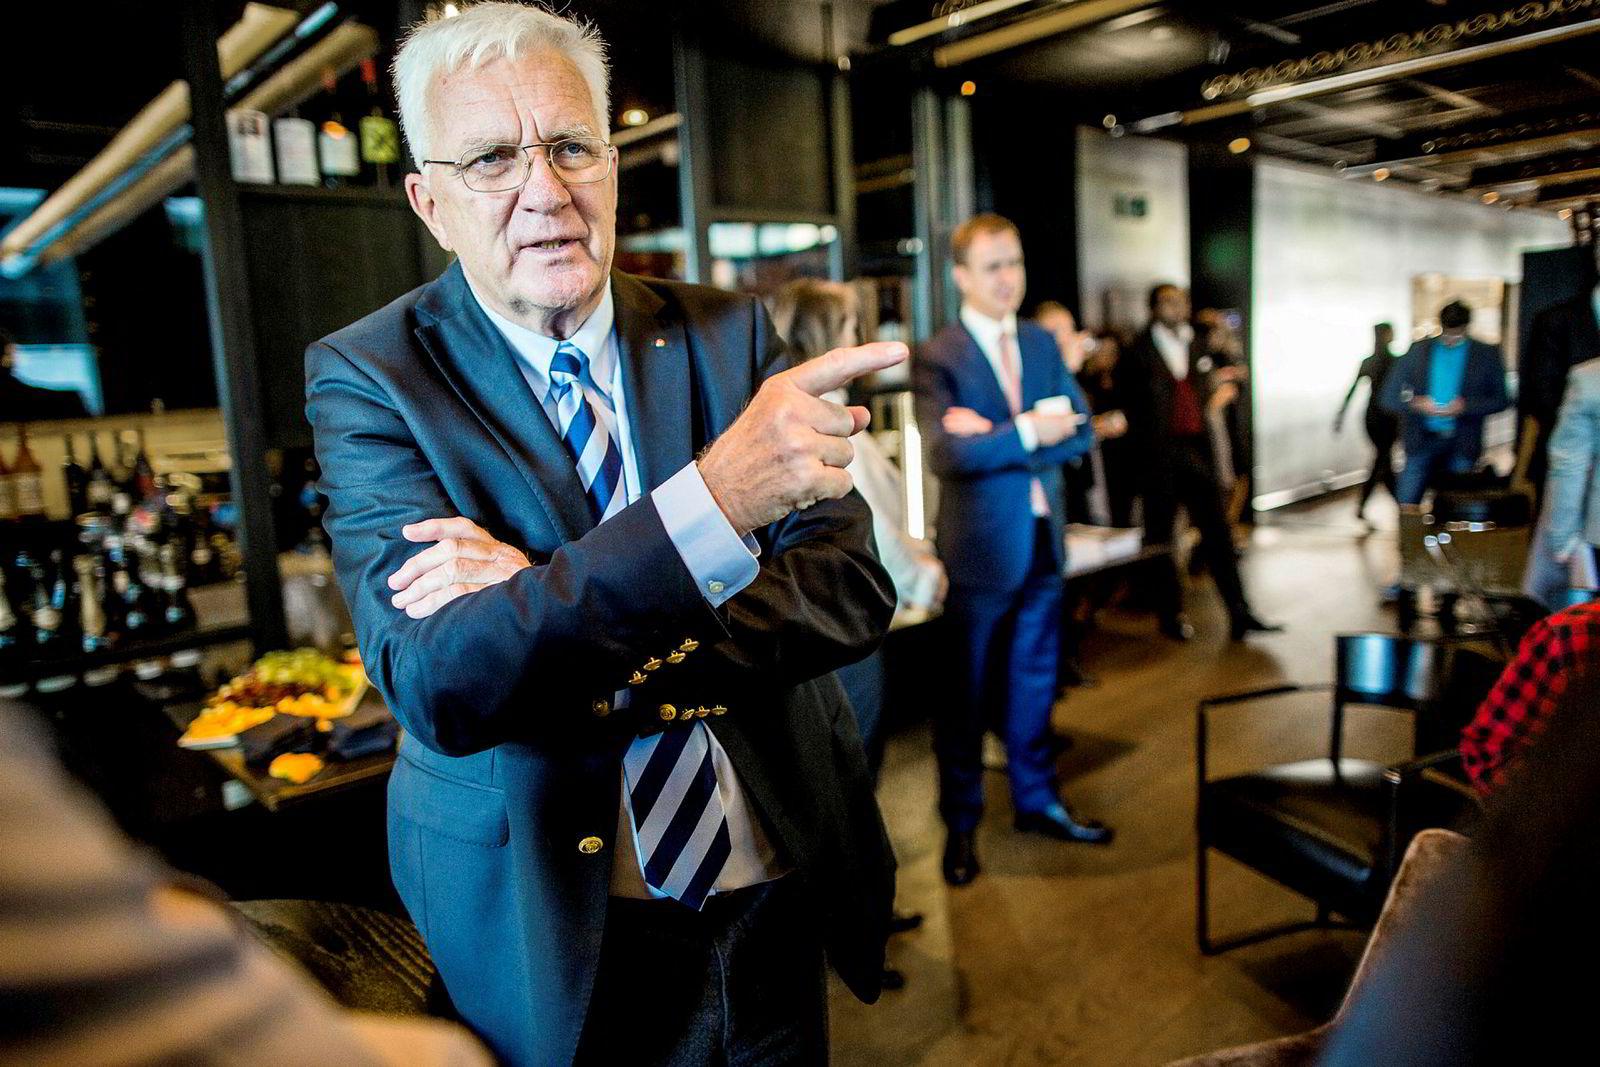 Finansavisen-redaktør Trygve Hegnar ønsker ikke å kommentere PFU-klagen mot avisen.